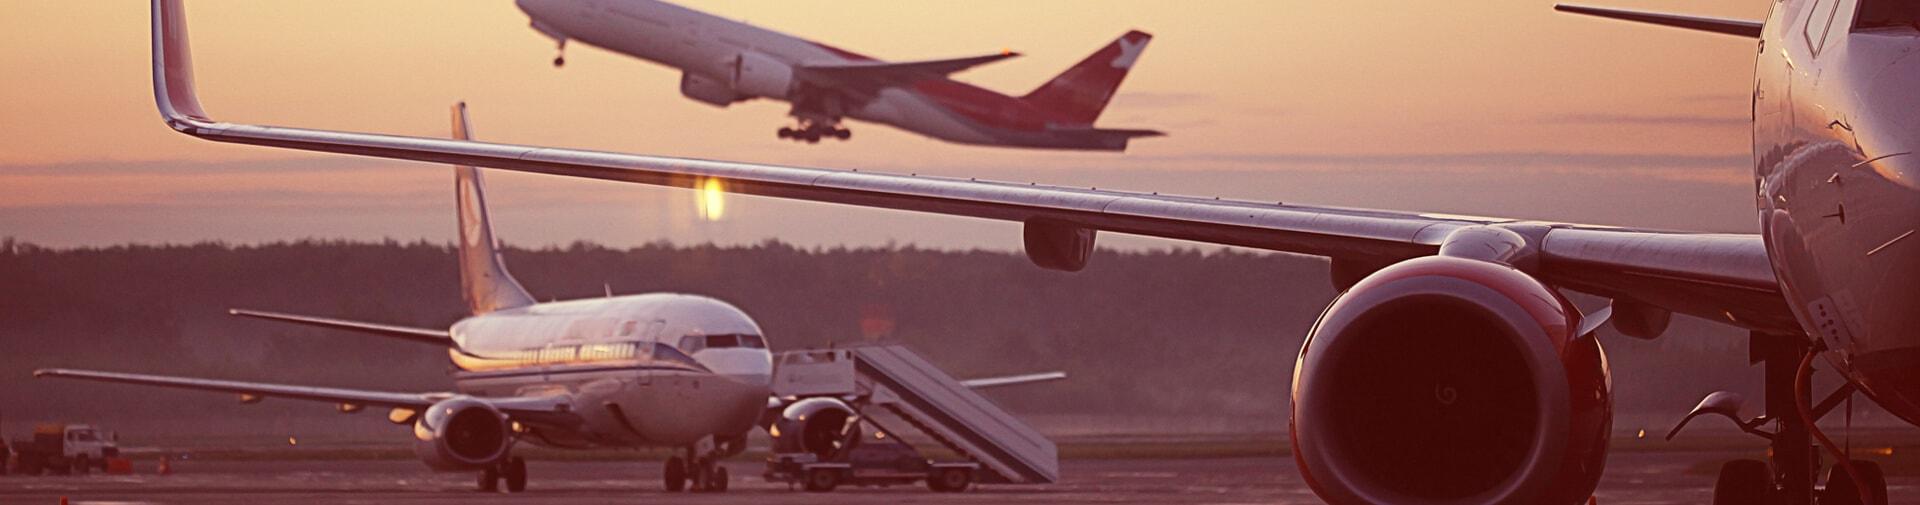 Almeria Airport (LEI)